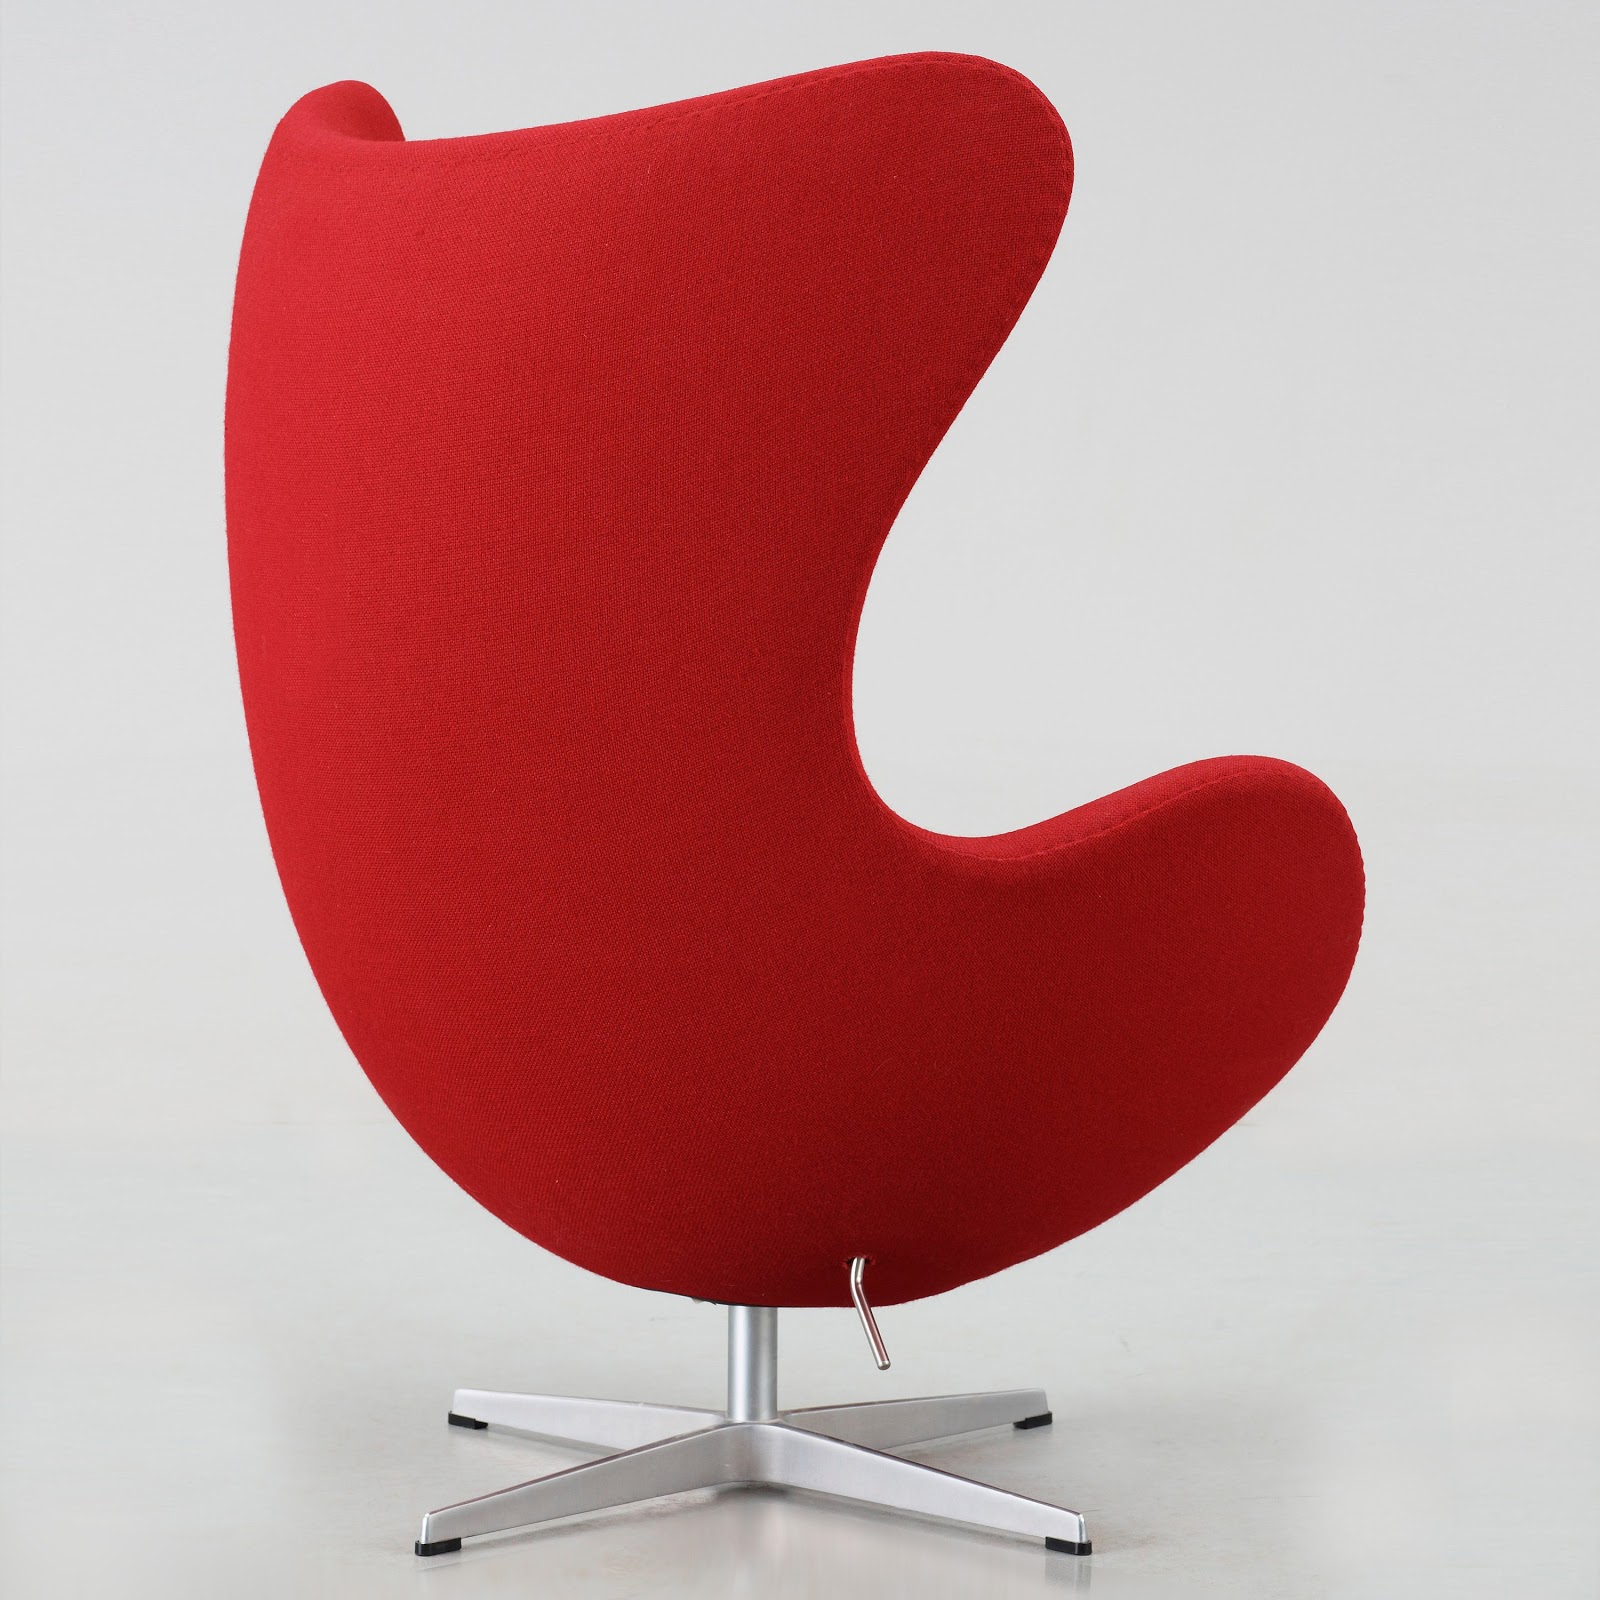 original egg egg arne jacobsen egg chair upholstered with gabriel red fame fabric. Black Bedroom Furniture Sets. Home Design Ideas